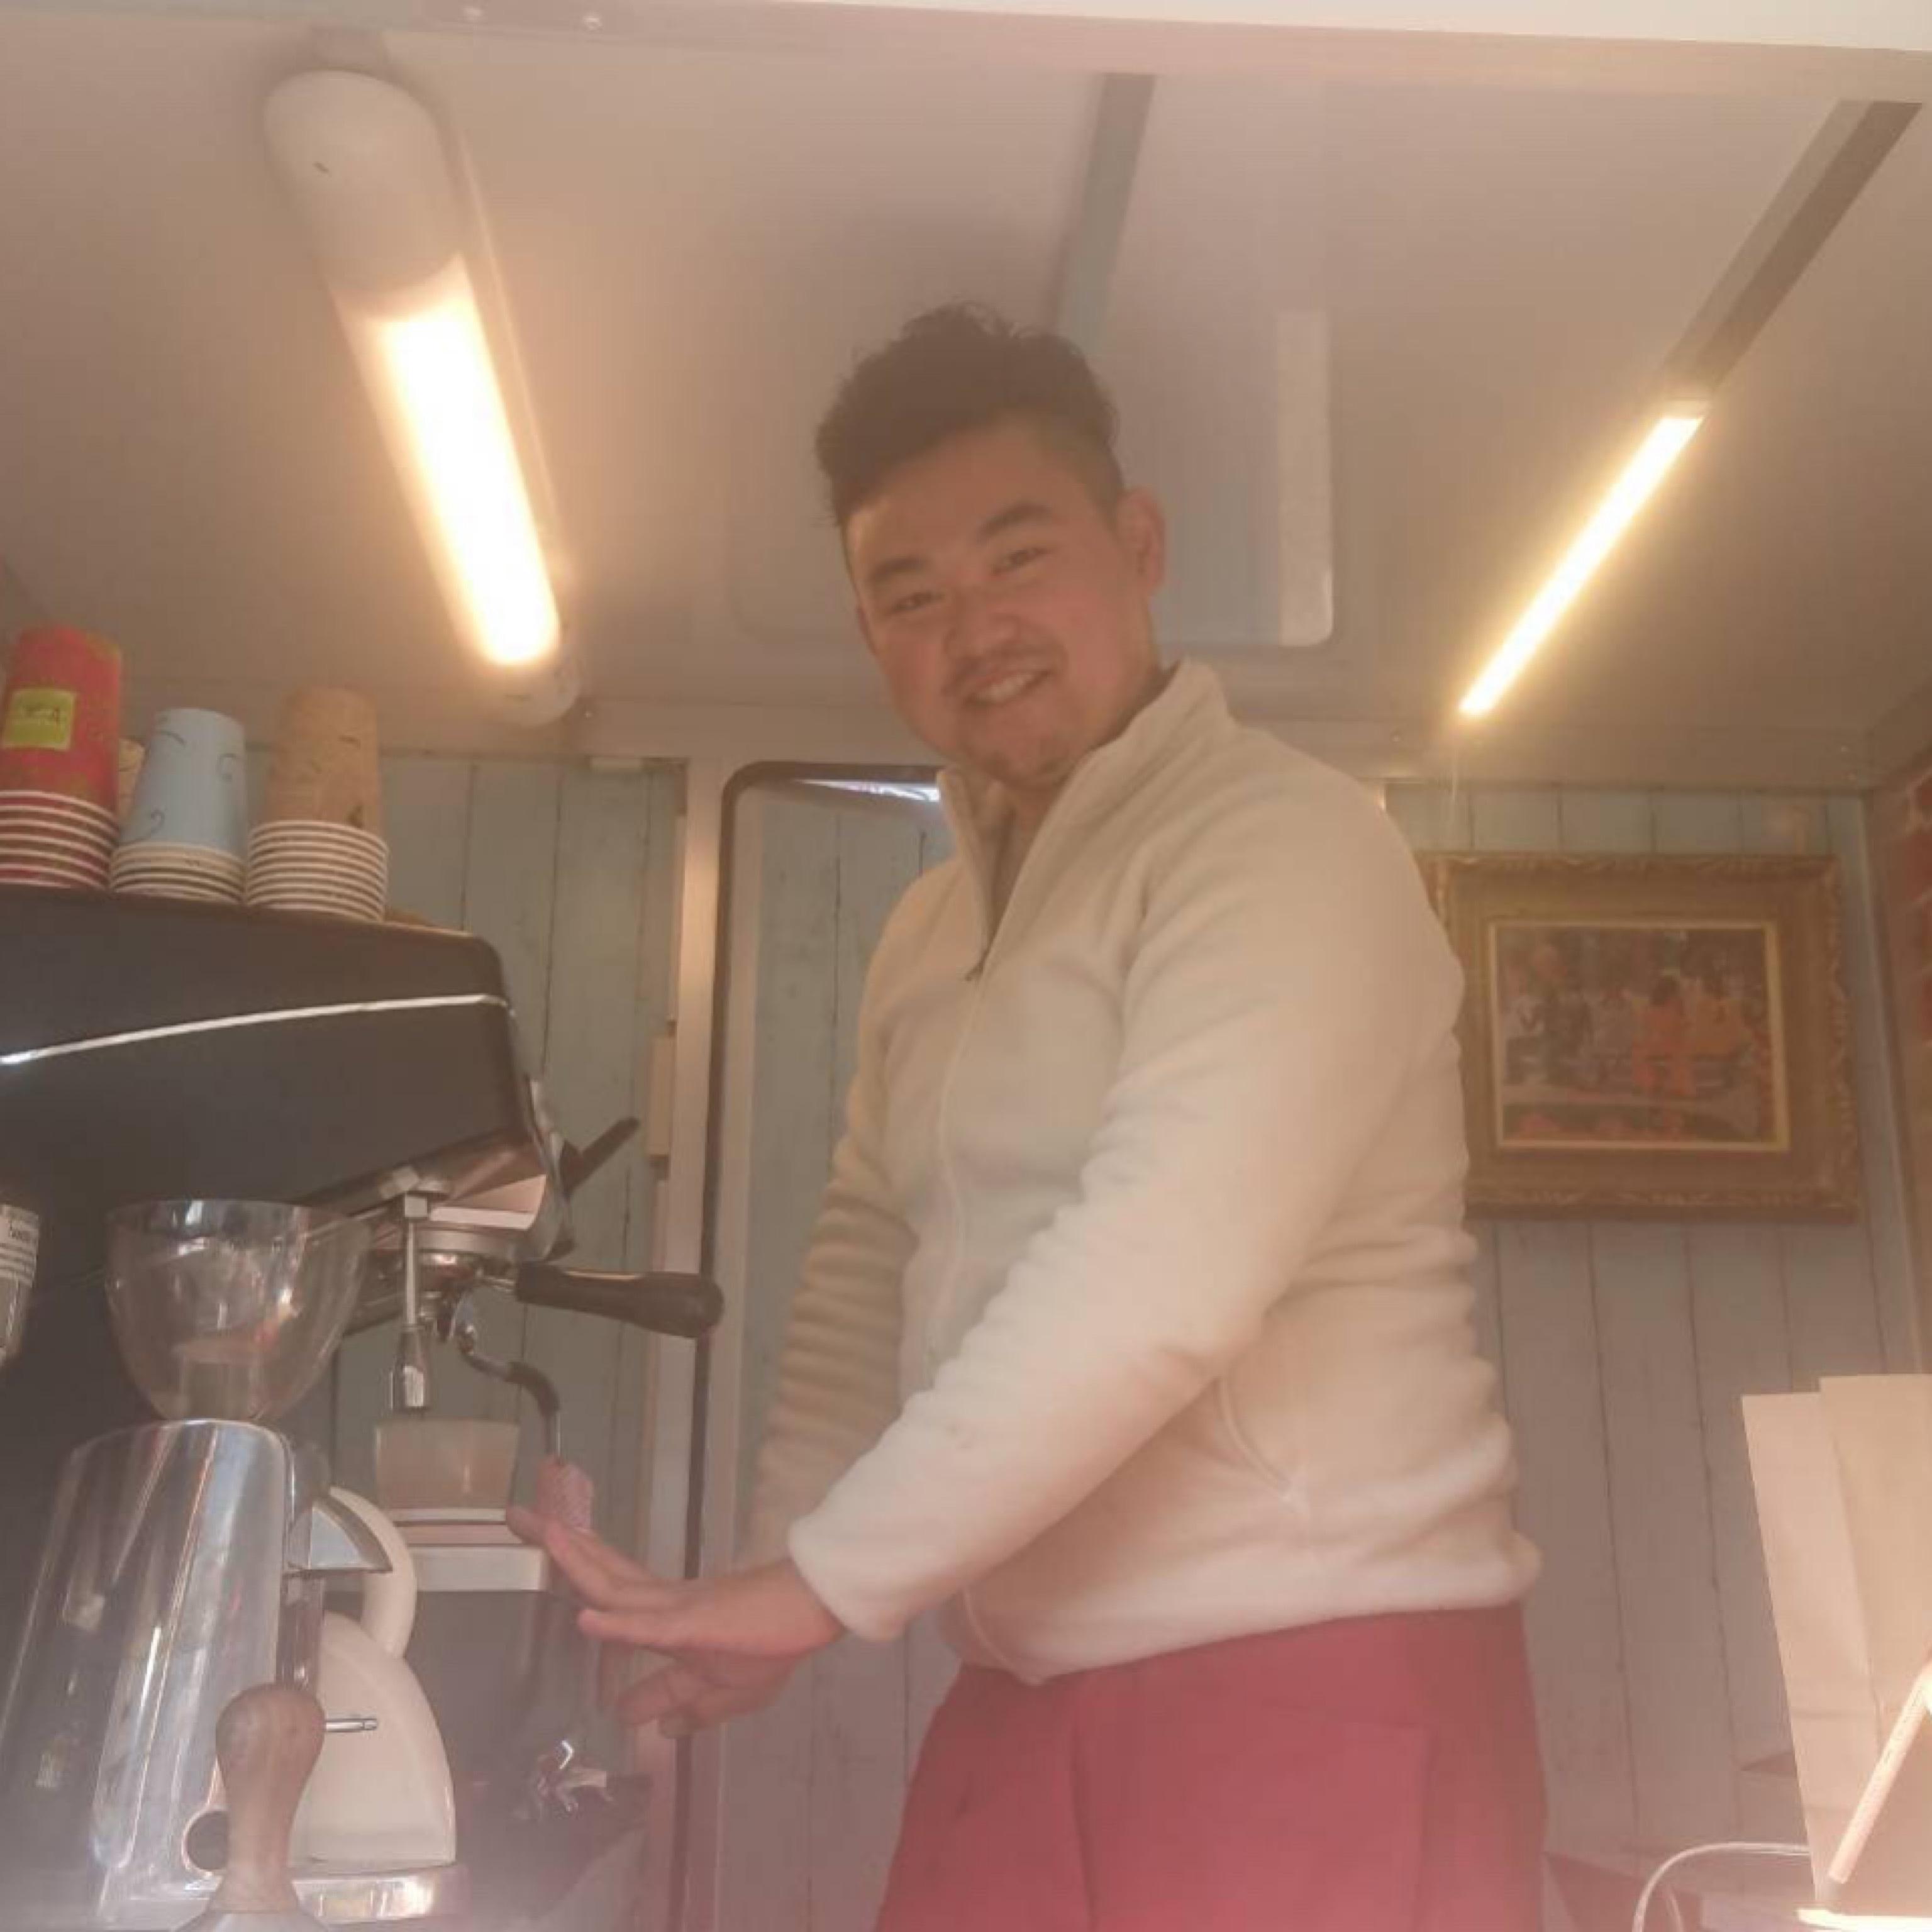 ハタコーヒースタンド|オーナー|キッチンカー|移動販売|ケータリング